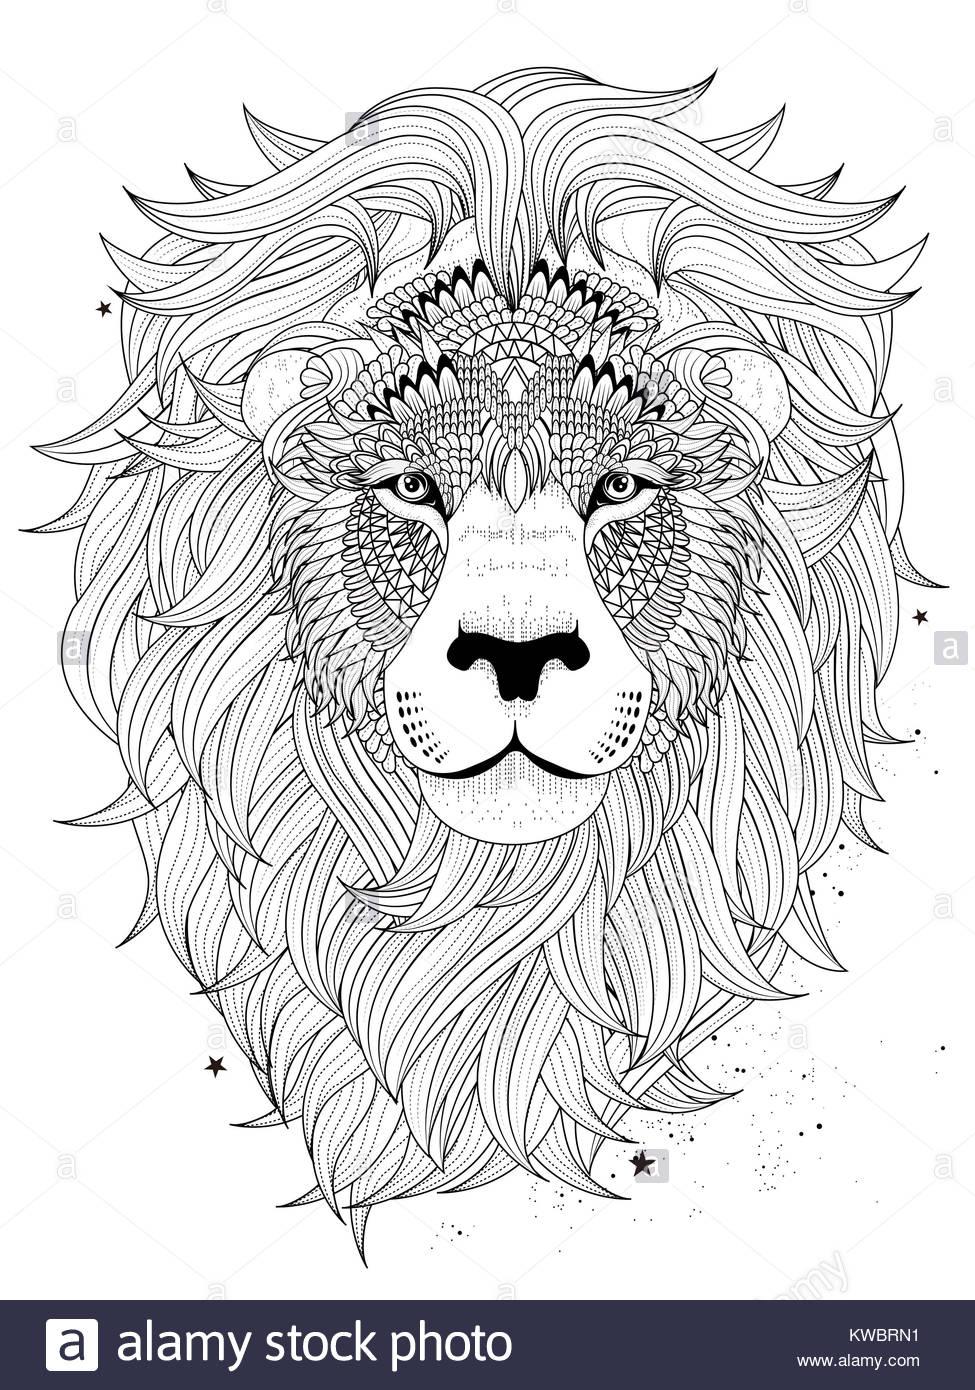 Outline Lion Head Animal Vector Imágenes De Stock & Outline Lion ...